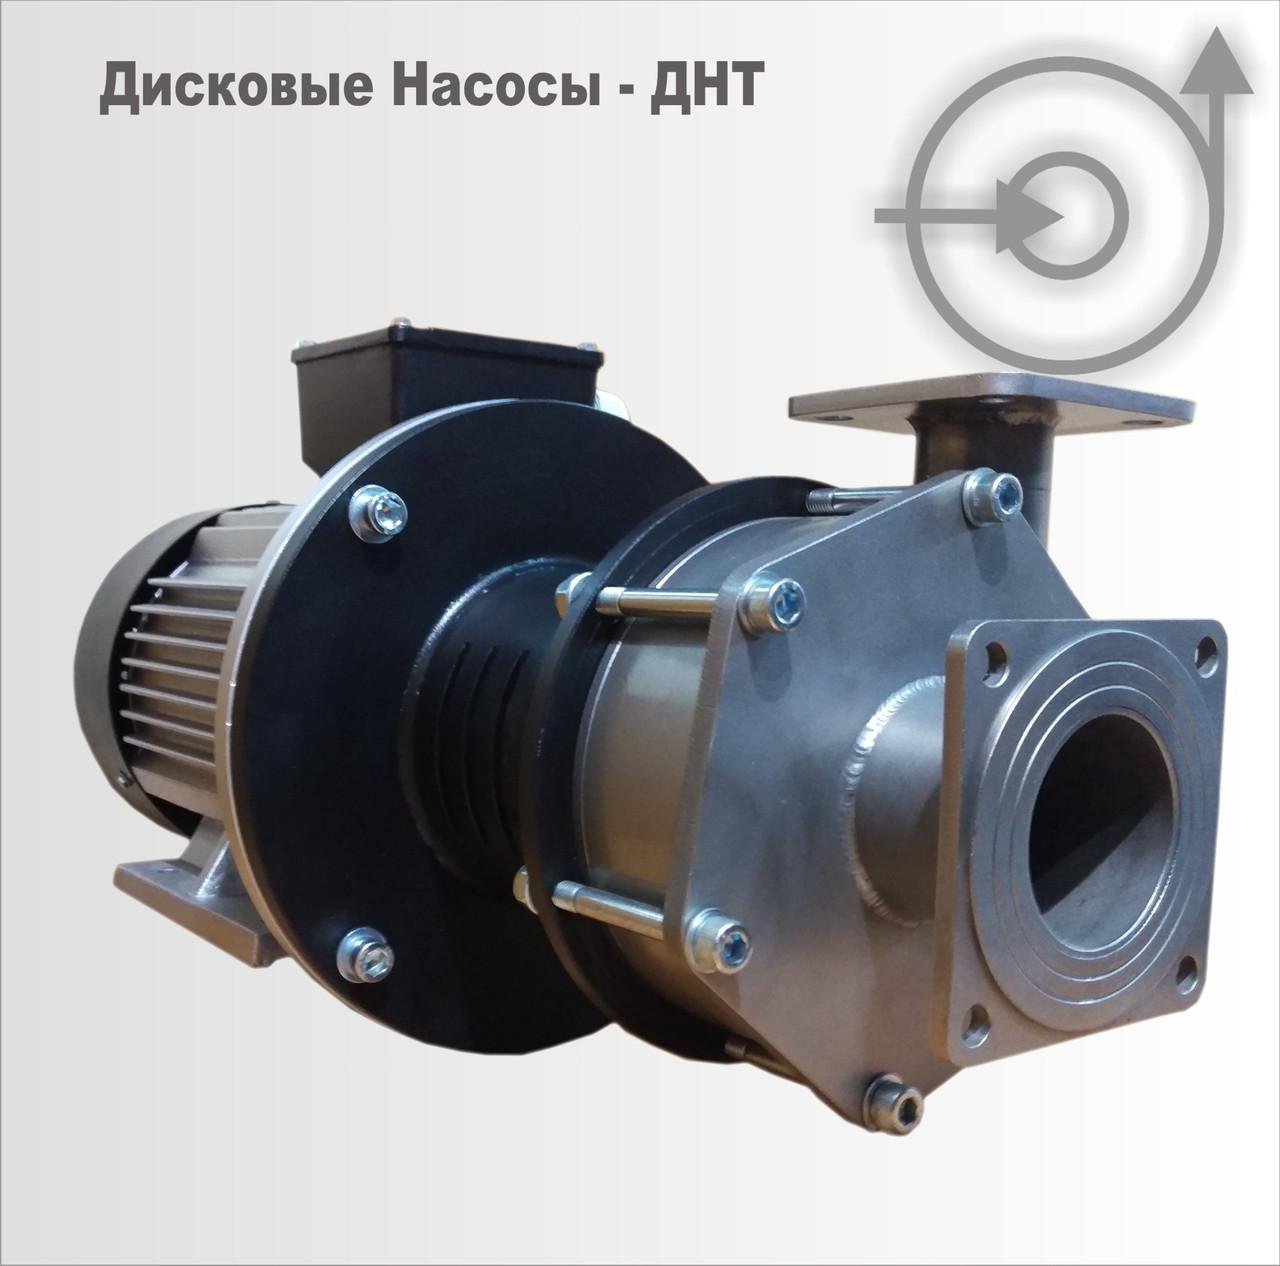 Дисковый насос ДНТ-М П-1 65-50-160  для растительного масла